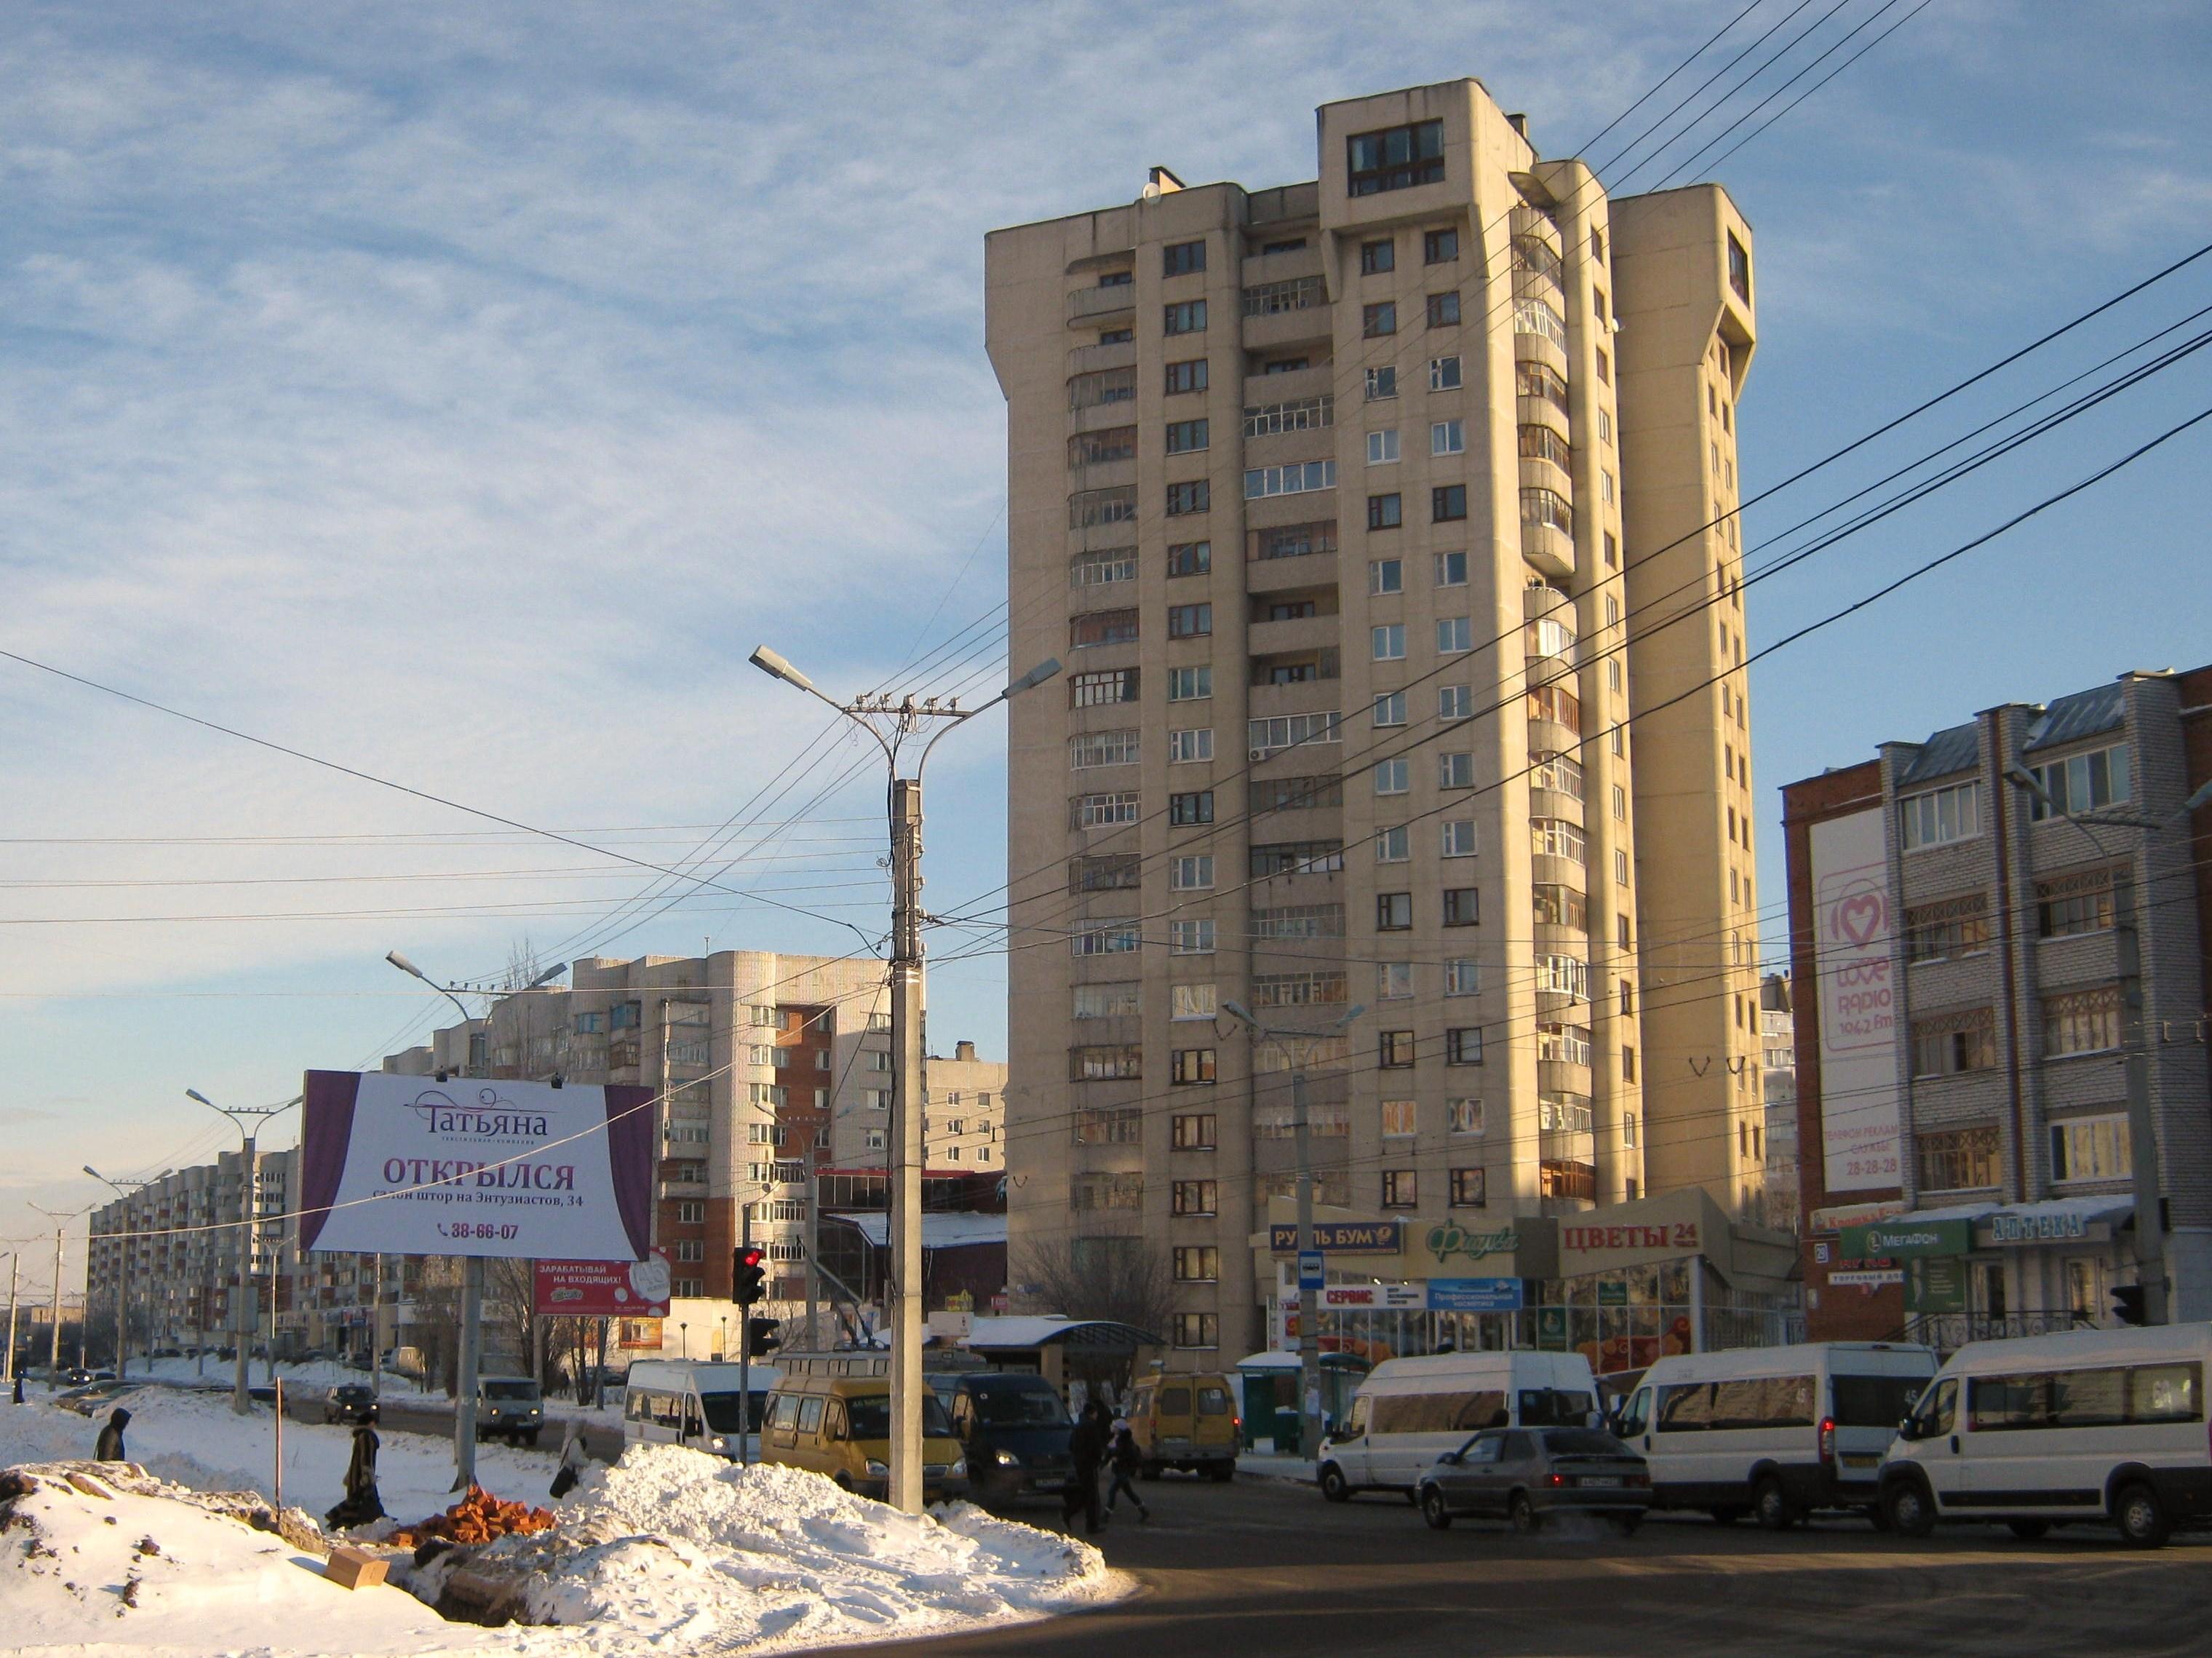 Диспорт Улица Радищева Чебоксары Микротоковая терапия Улица Чкалова Чебоксары